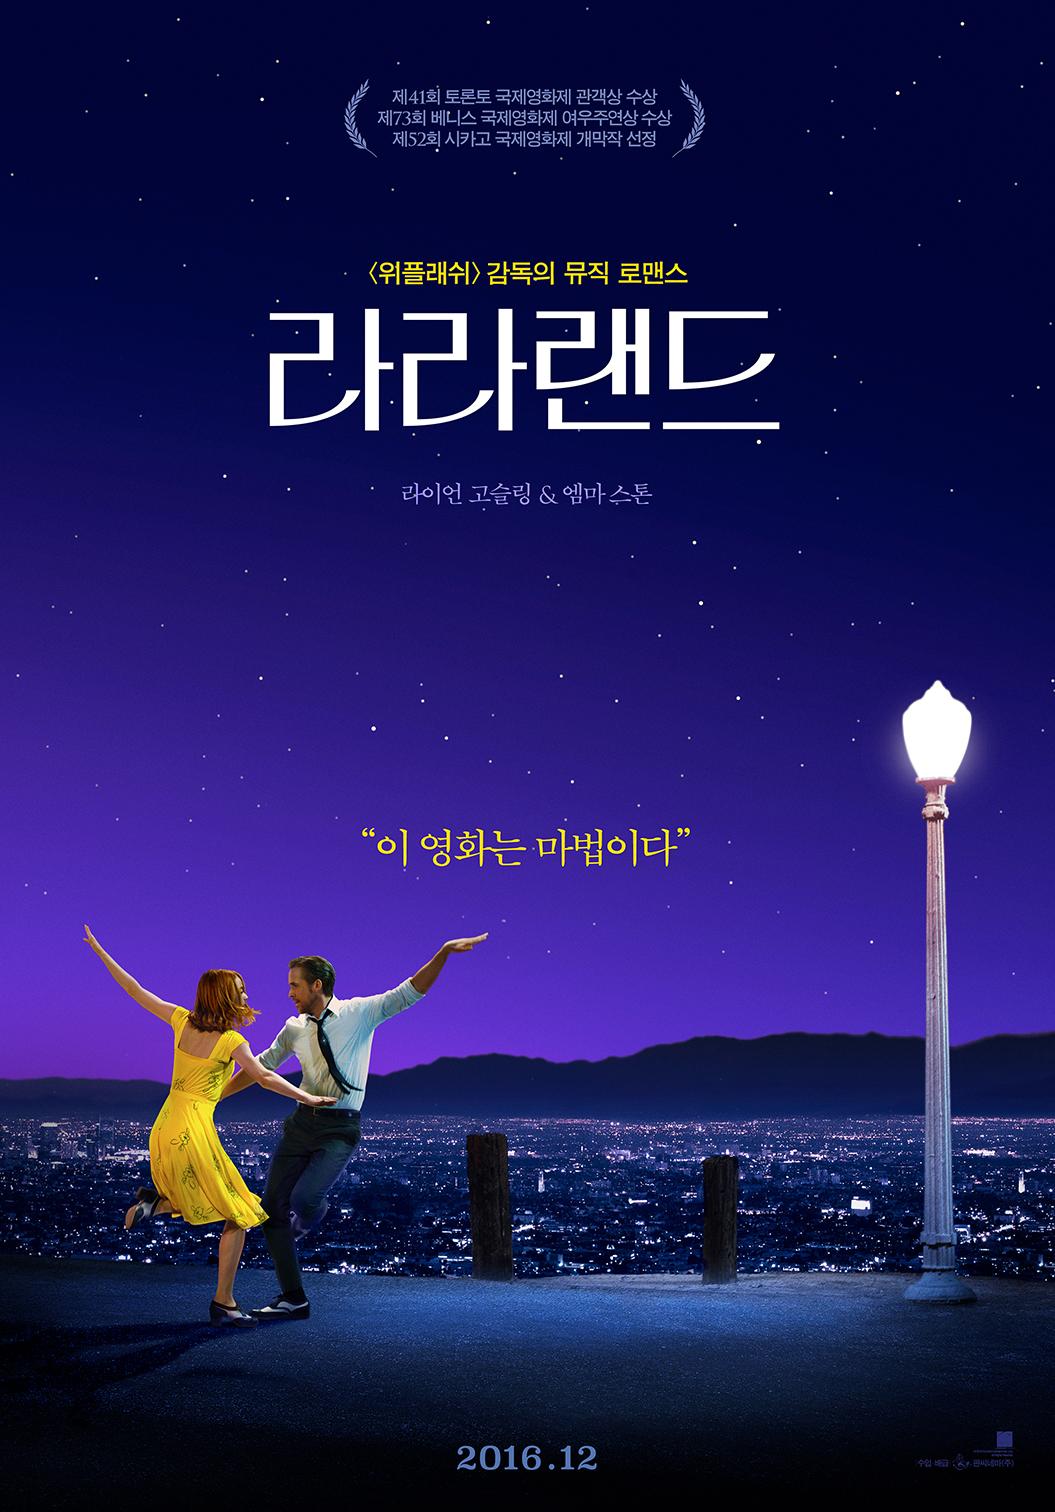 라라랜드 - 음악의 매력, 배우의 매력, 이야기의 매력